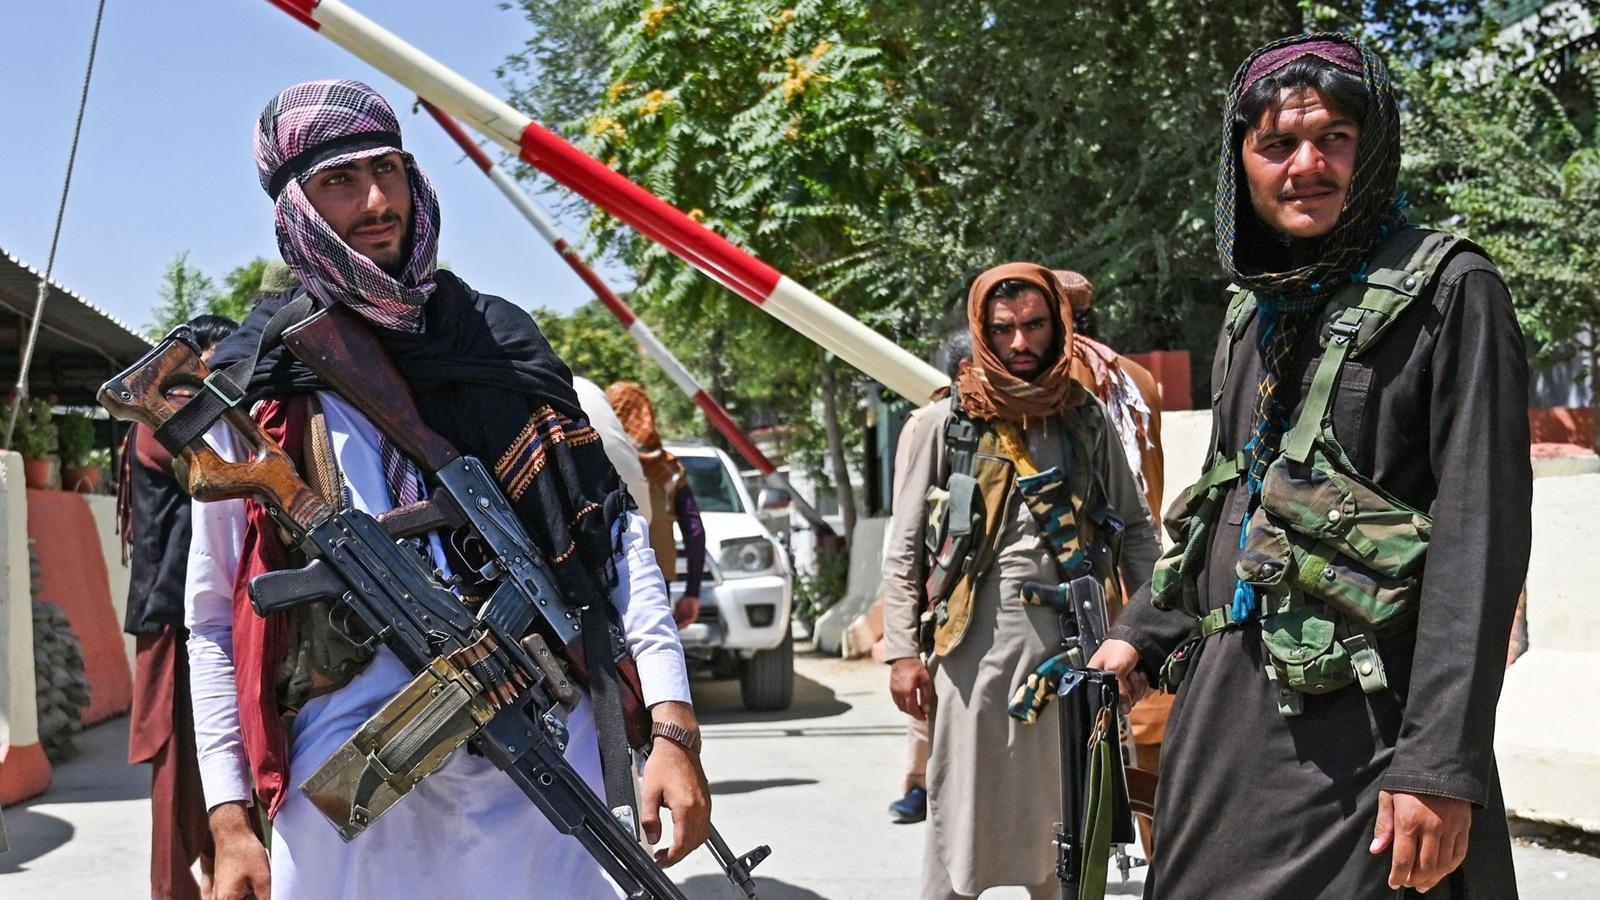 زعماء أفغان معارضون لطالبان يتحدون للتفاوض مع الحركة